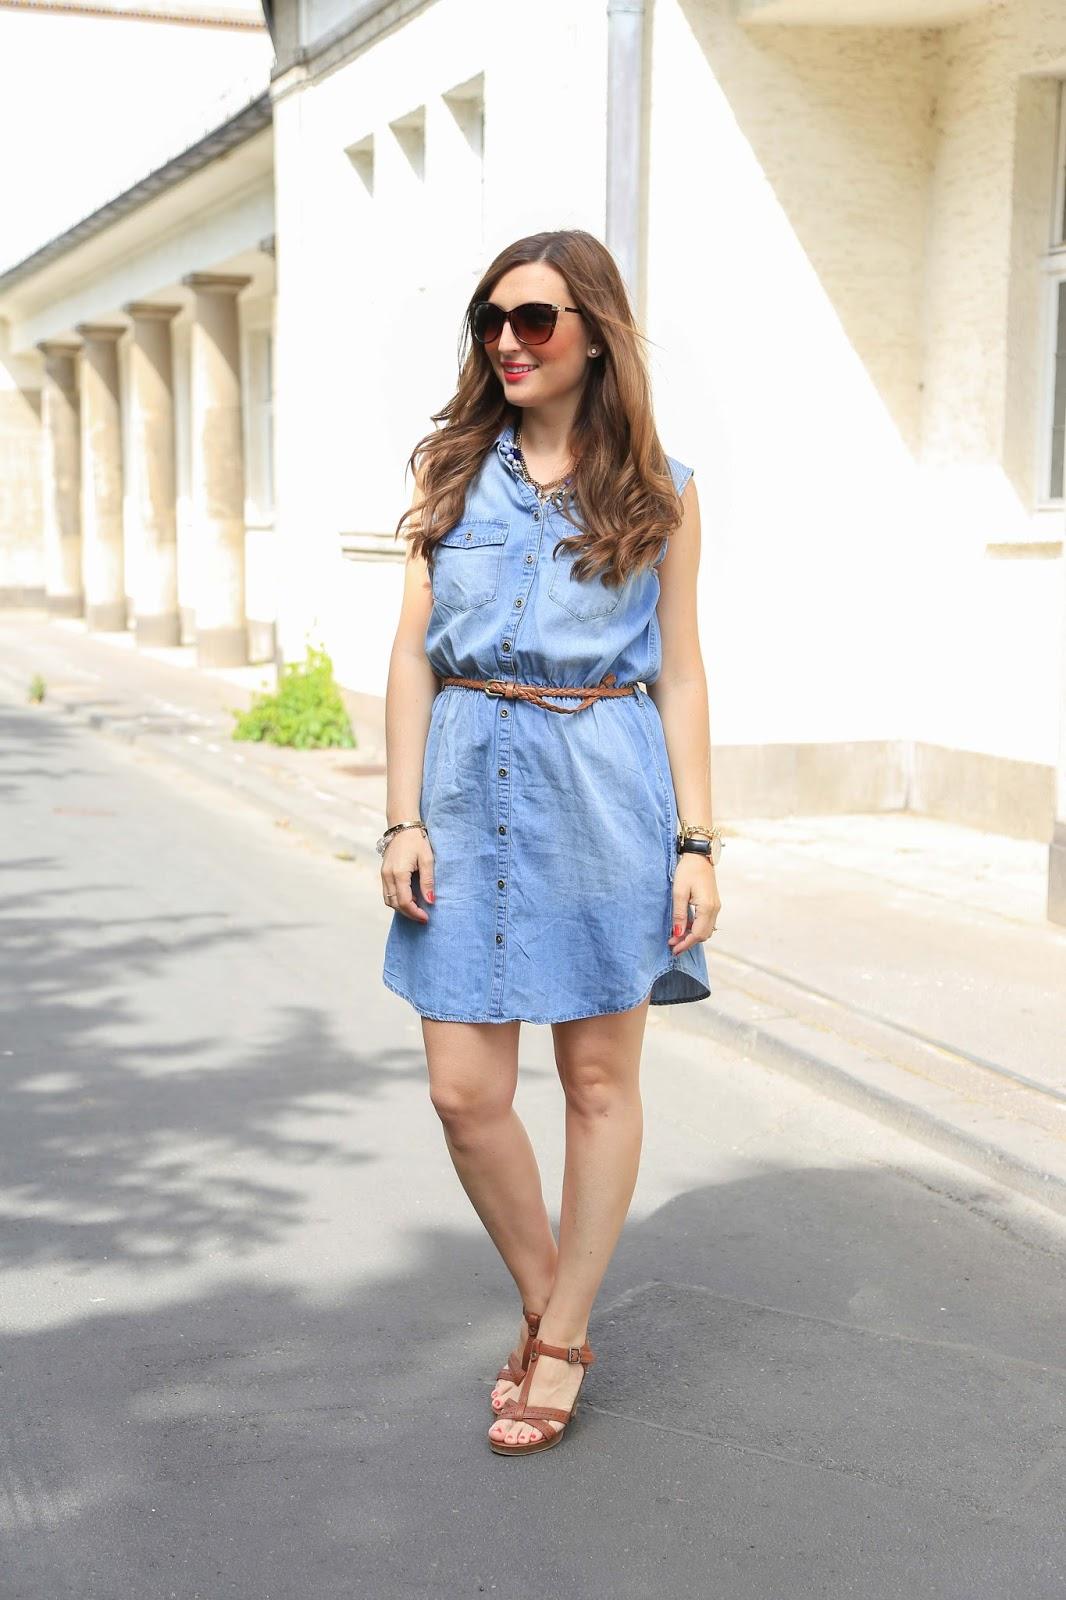 Fashionblogger aus Deutschland - Deutsche Fashionblogger - Fashionstylebyjohanna - Blogger aus Frankfurt - Frankfurt Fashionblogger